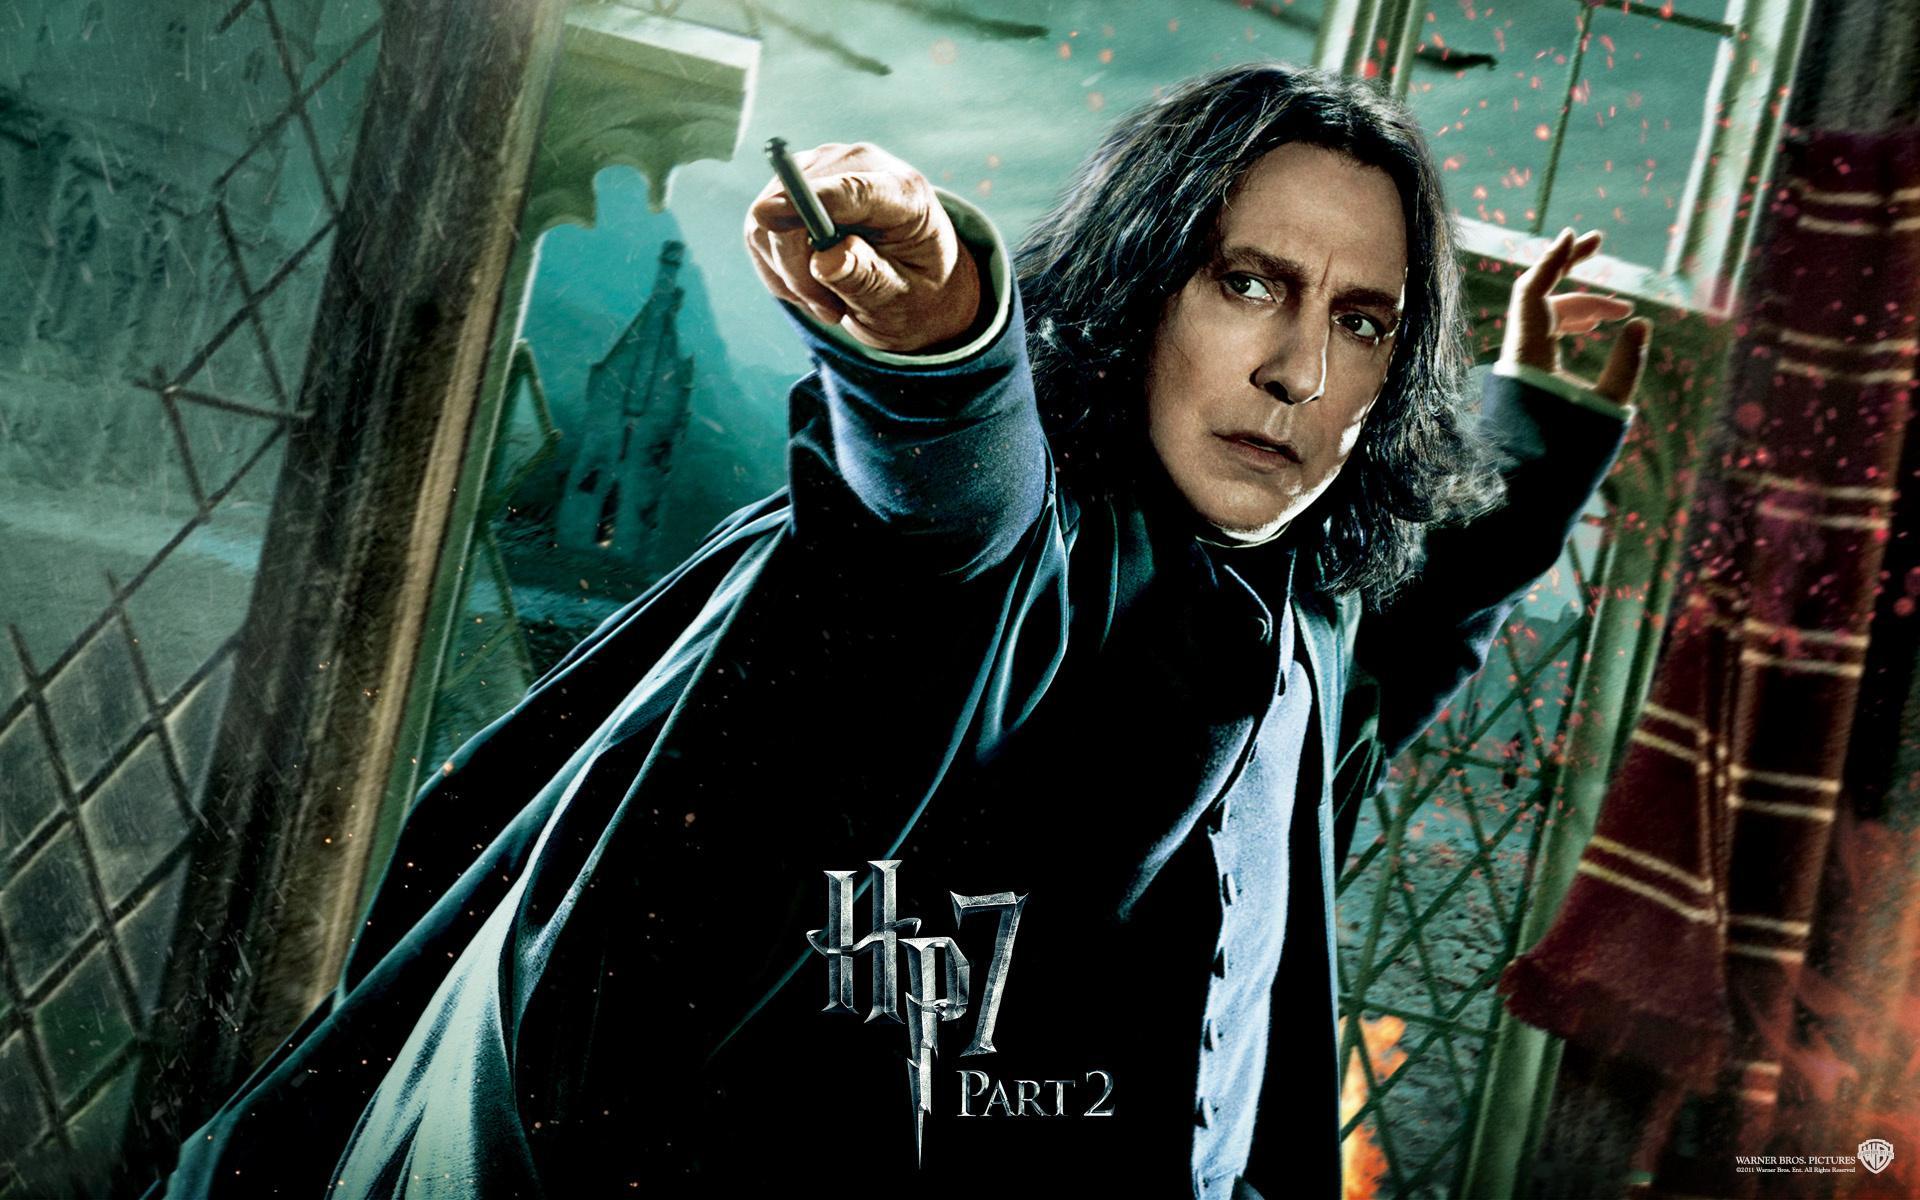 """Сьогодні помер Алан Рікман, який зіграв у фільмі про """"Гаррі Поттера"""" роль професора Снейпа"""